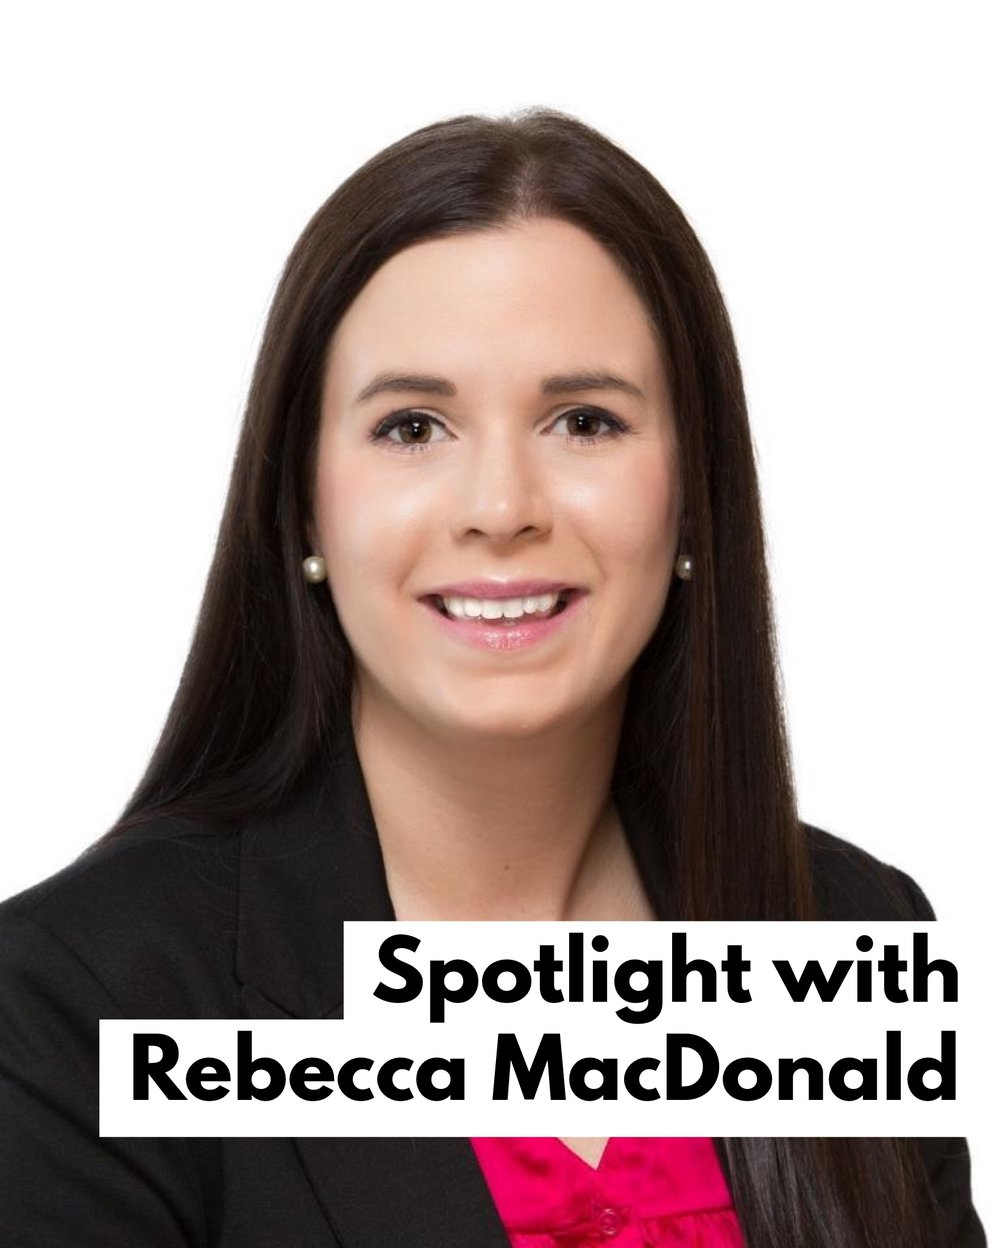 Rebecca.macdonald.spotlight